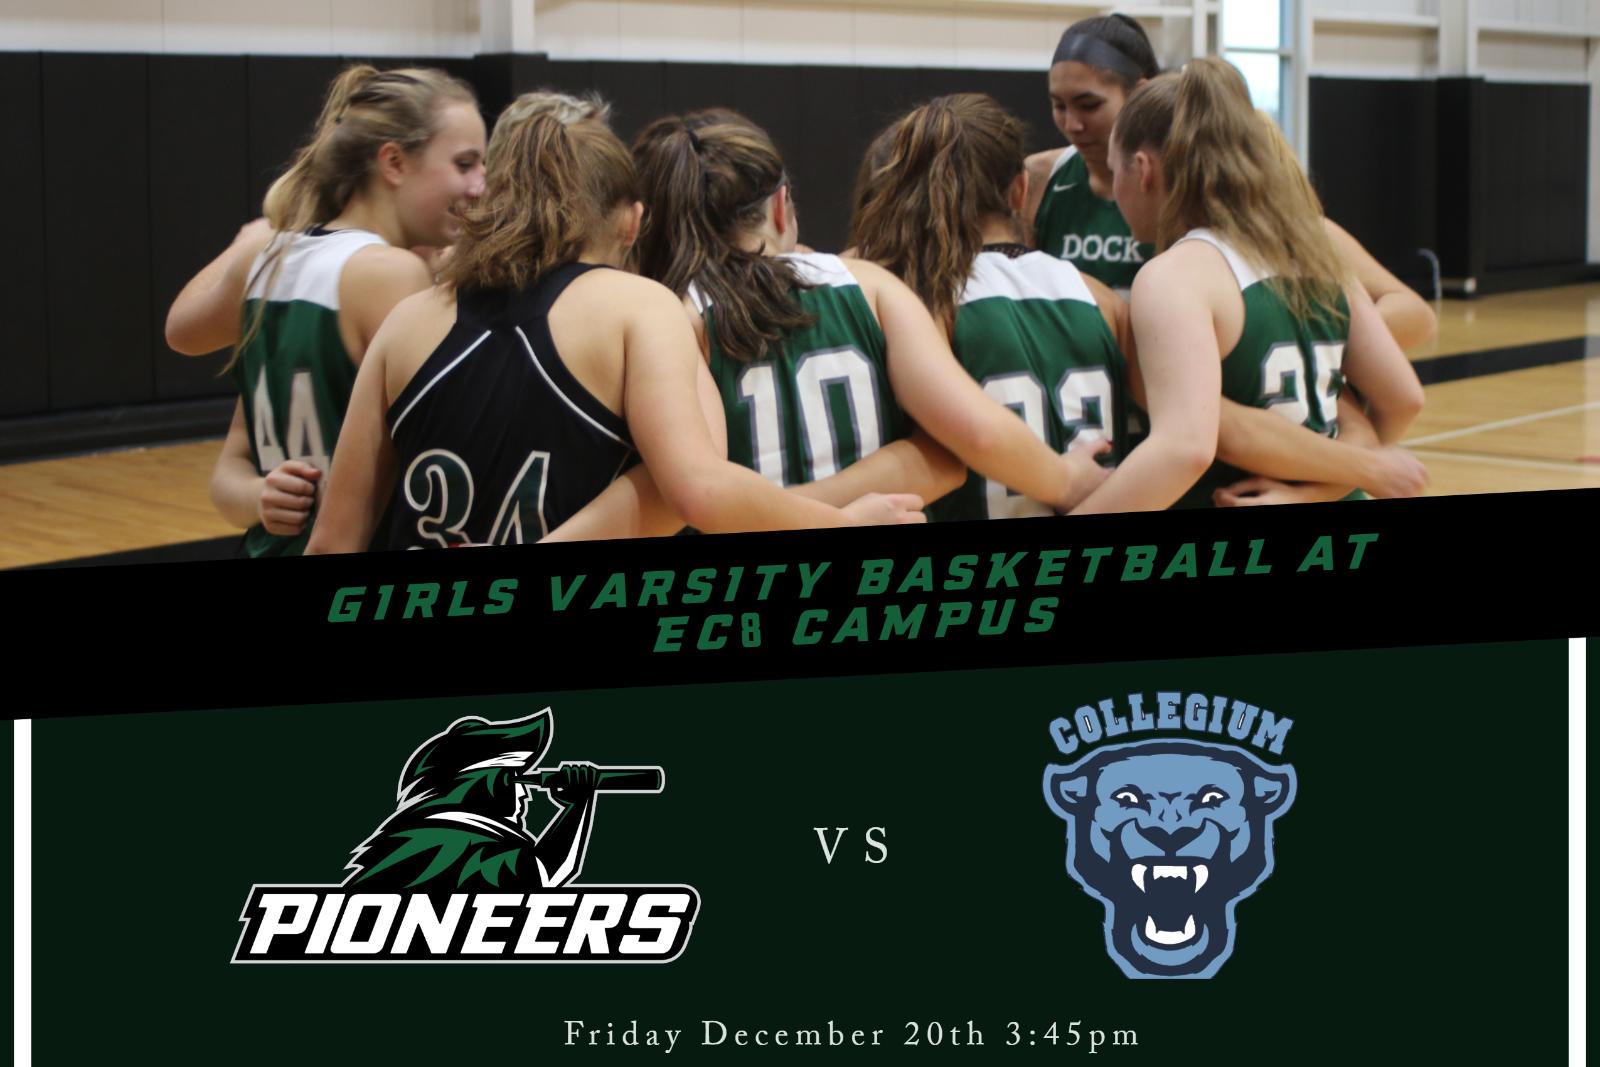 Girls Varsity Basketball to Play at EC-8 Campus 12/20/19